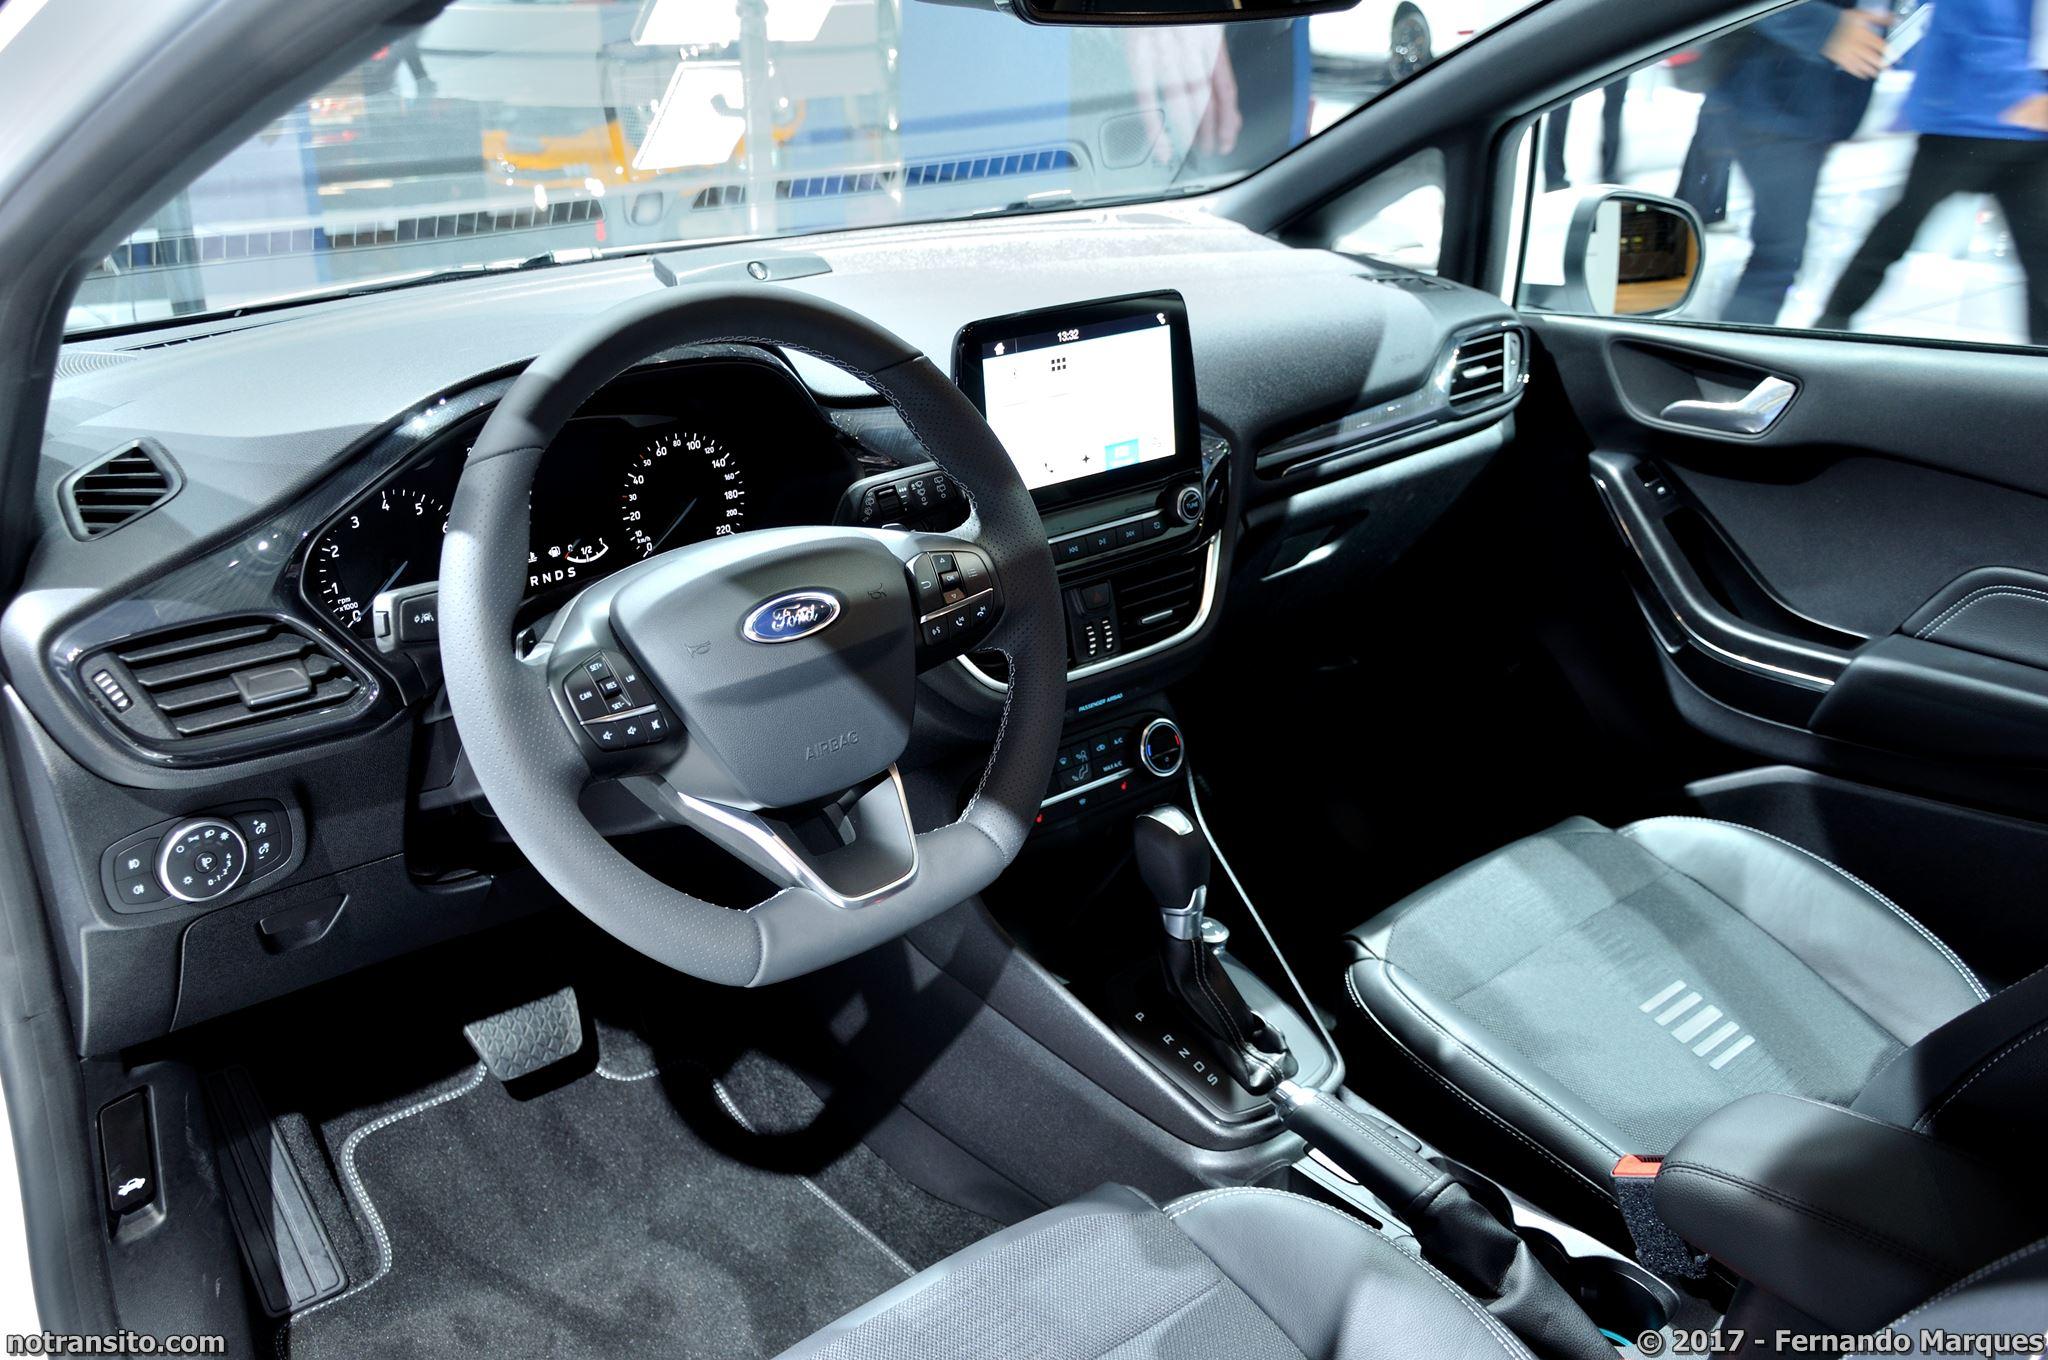 Ford-Fiesta-Frankfurt-2017-009